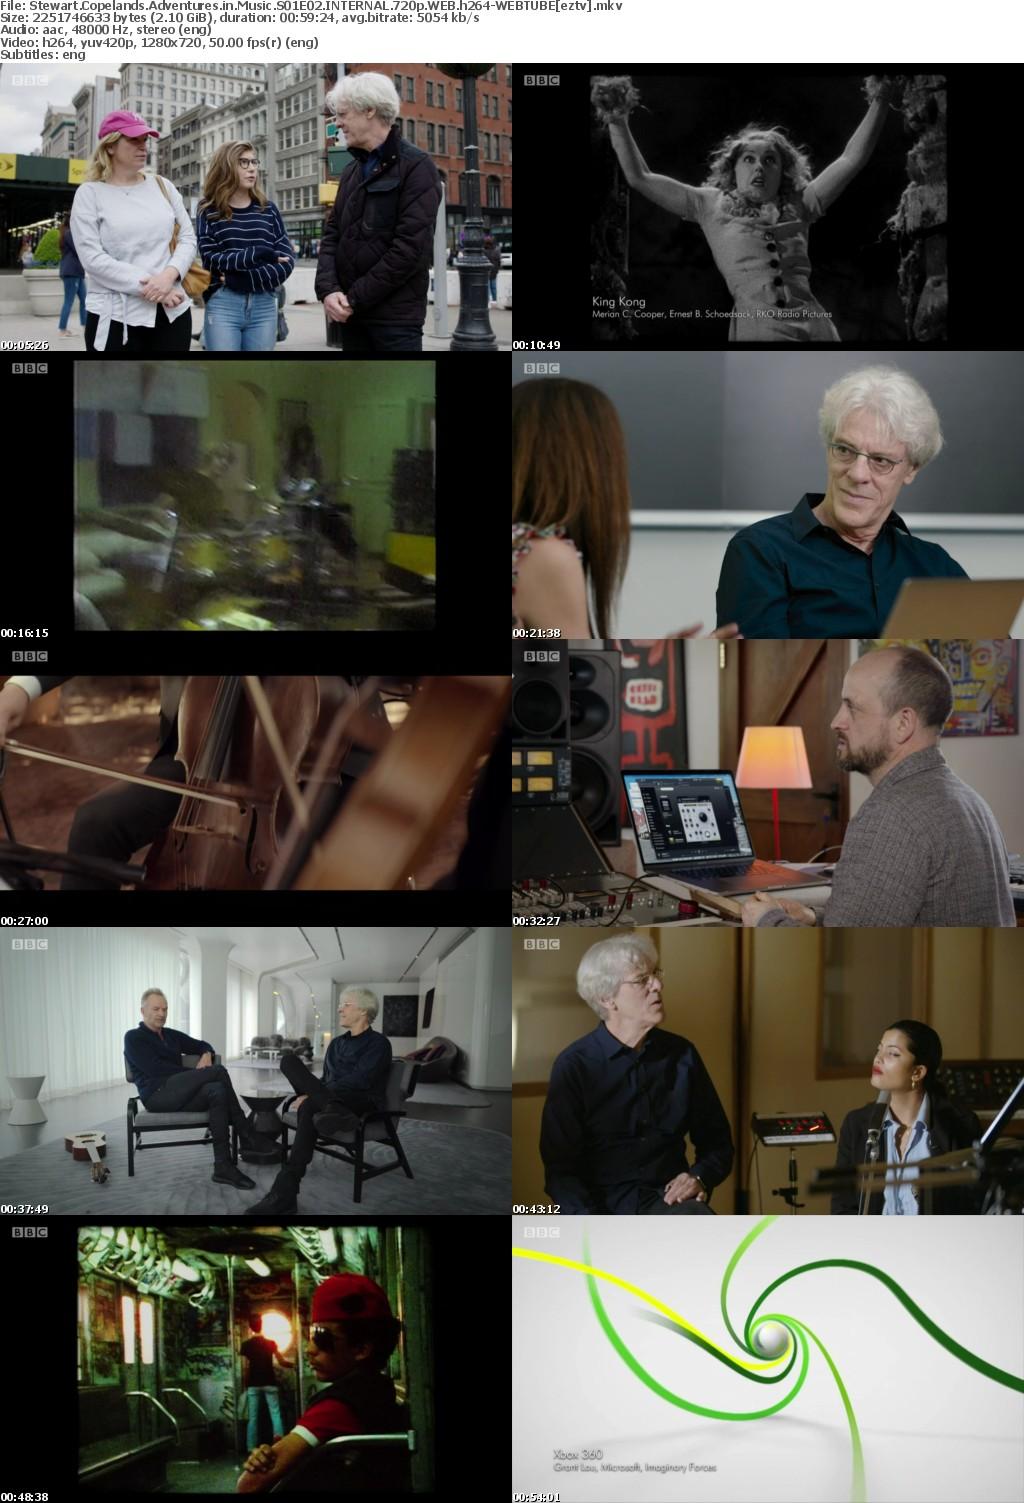 Stewart Copelands Adventures in Music S01E02 INTERNAL 720p WEB h264-WEBTUBE